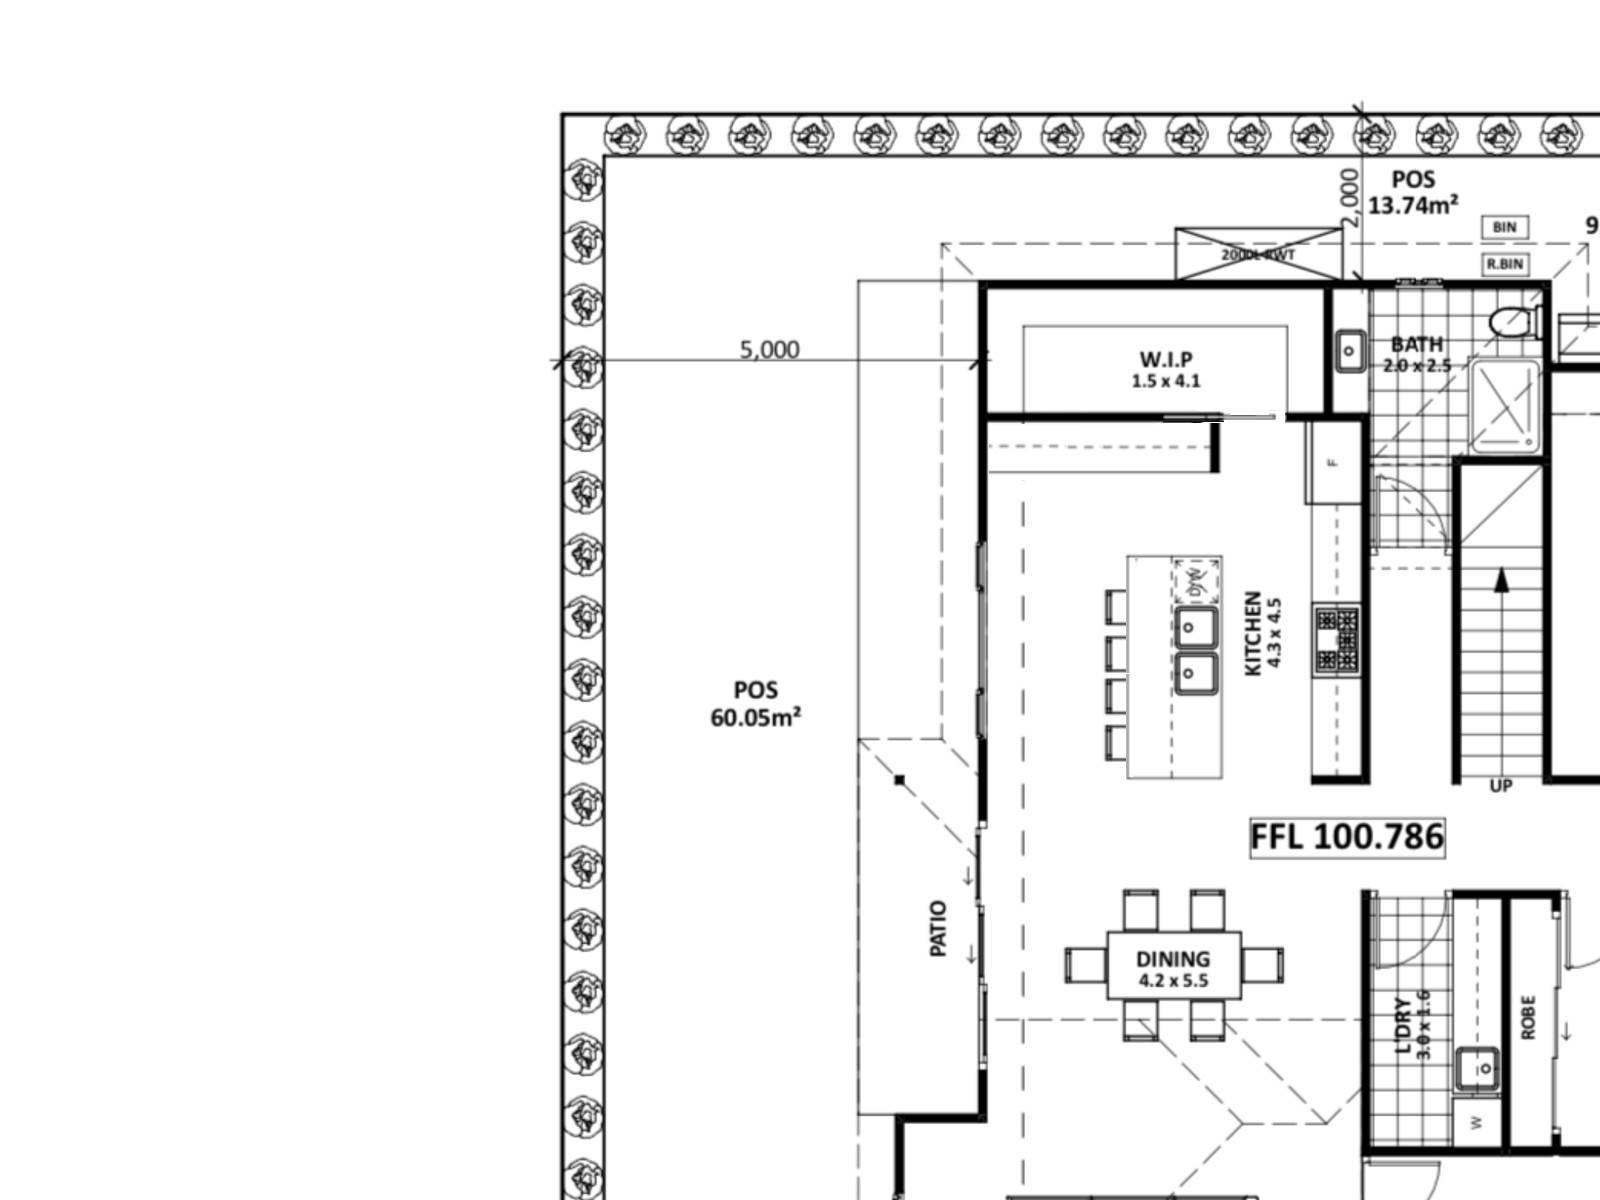 View: Kitchen layout